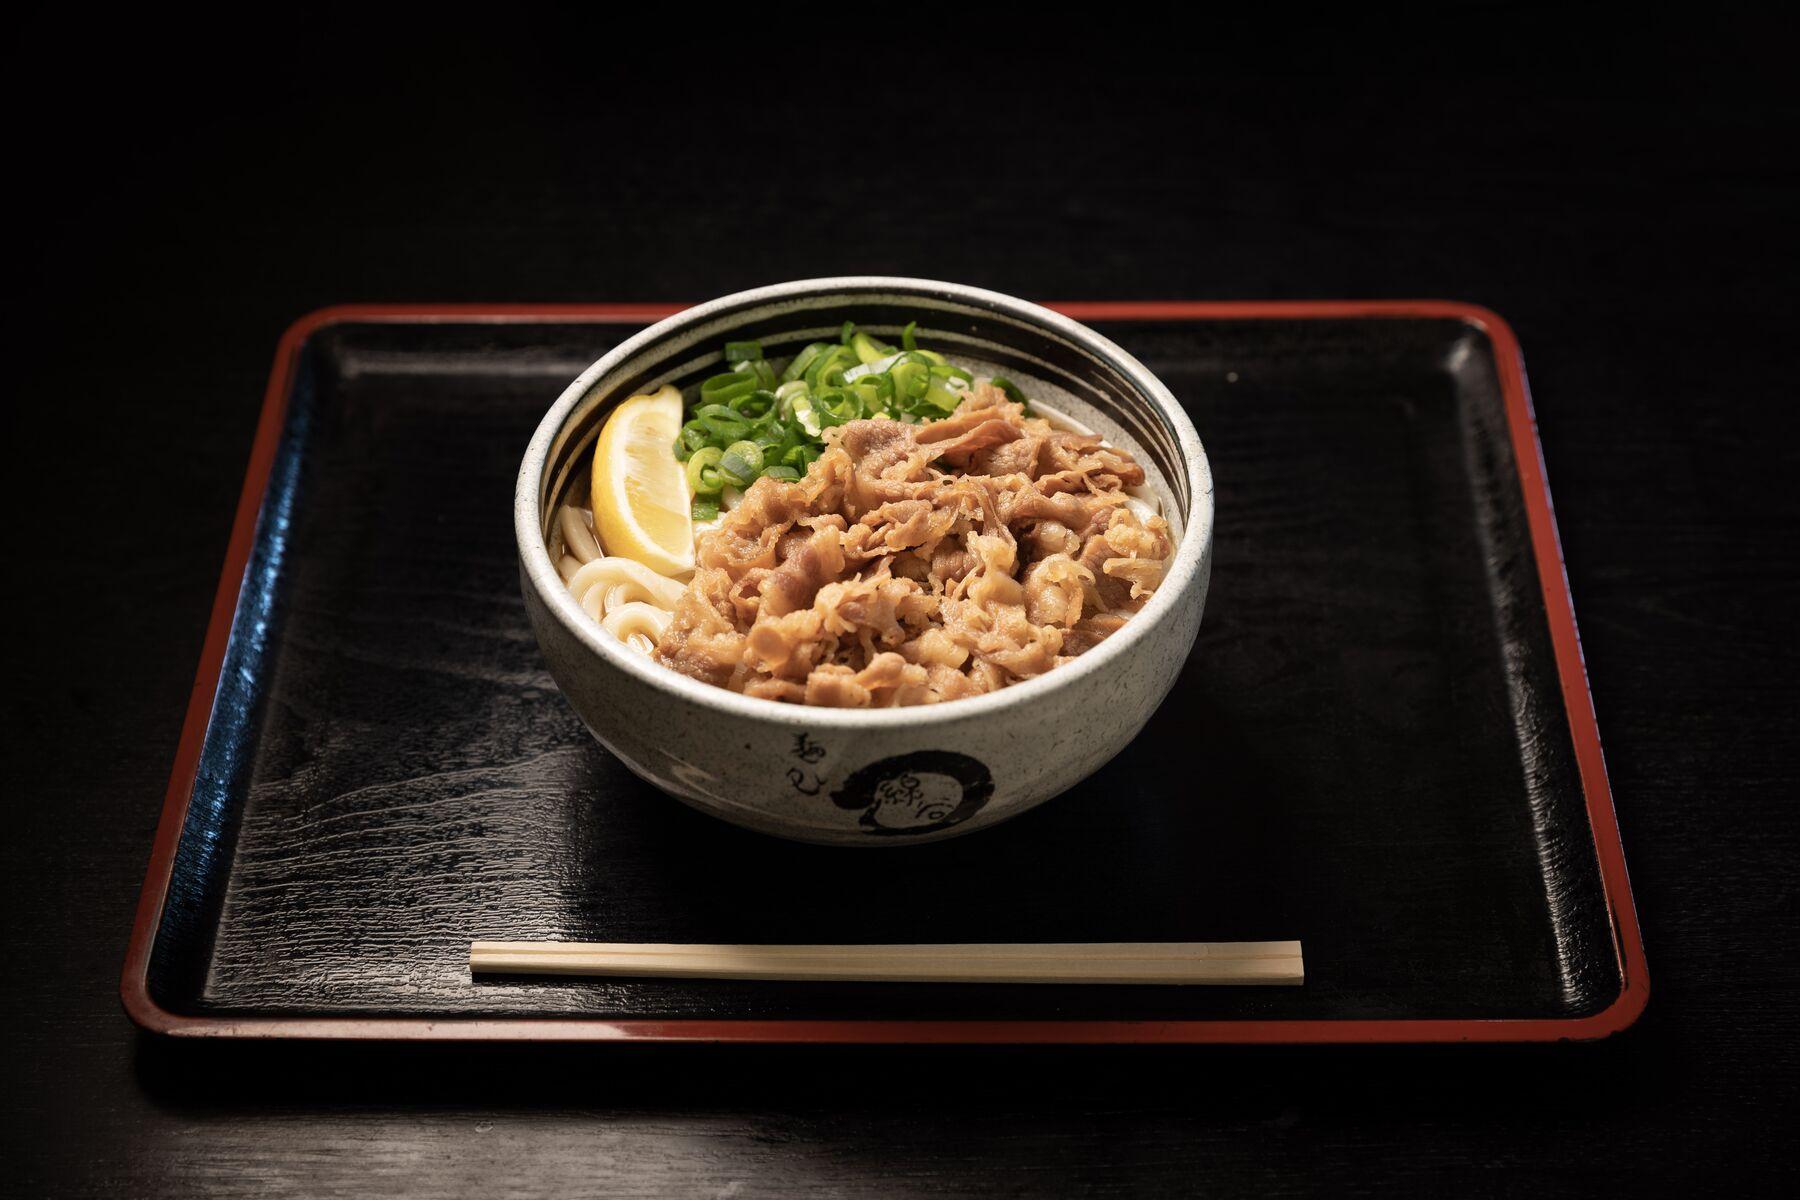 麺処 綿谷うどん (Udon restaurant WATAYA)